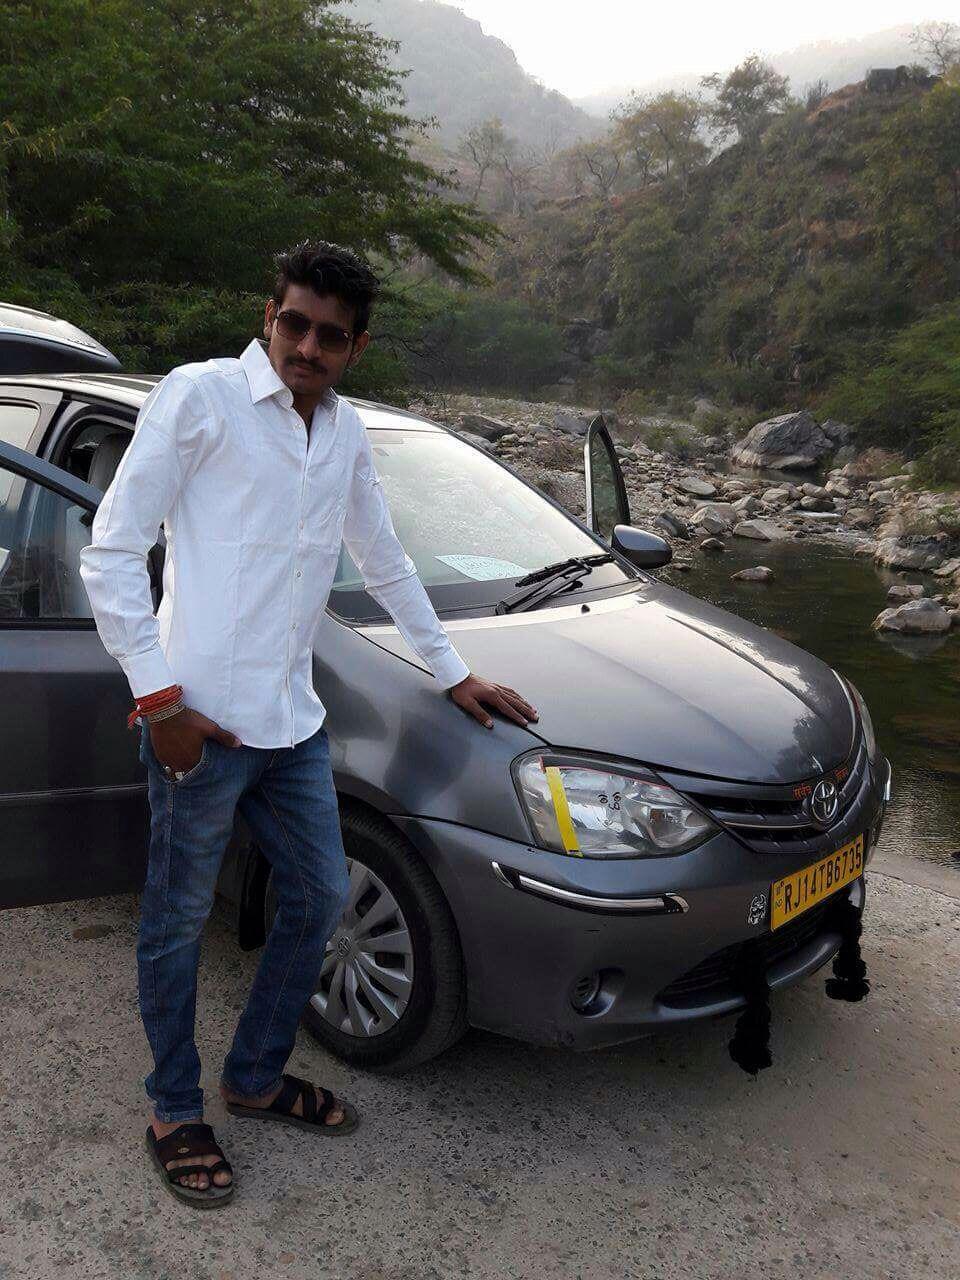 Hari with Etios car